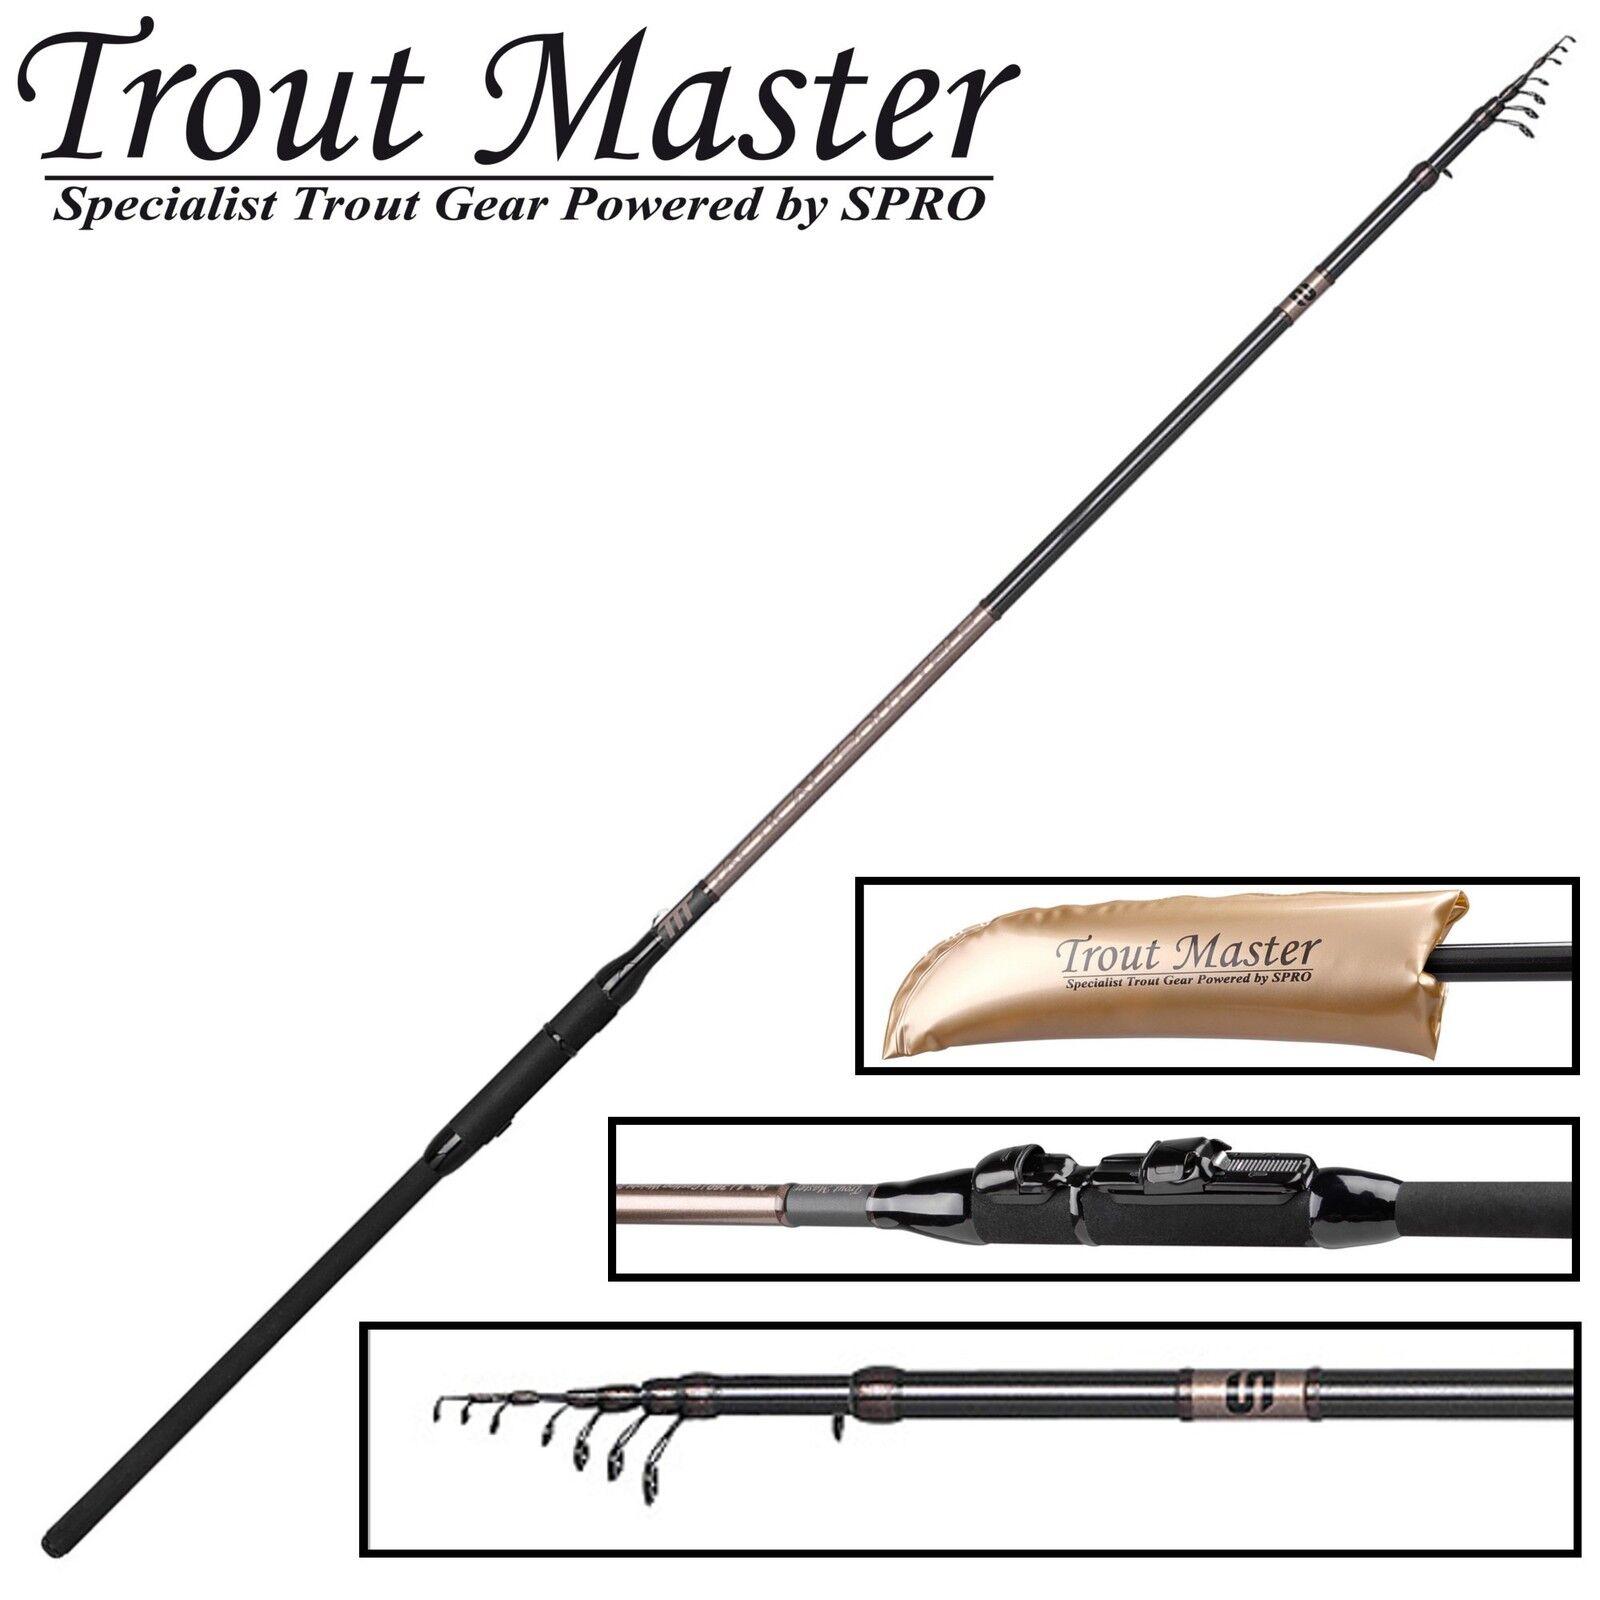 Trout Master Tactical Trout Trout Trout Tele 3,60m 10-15g - Forellenrute, Forellenangelrute f28590